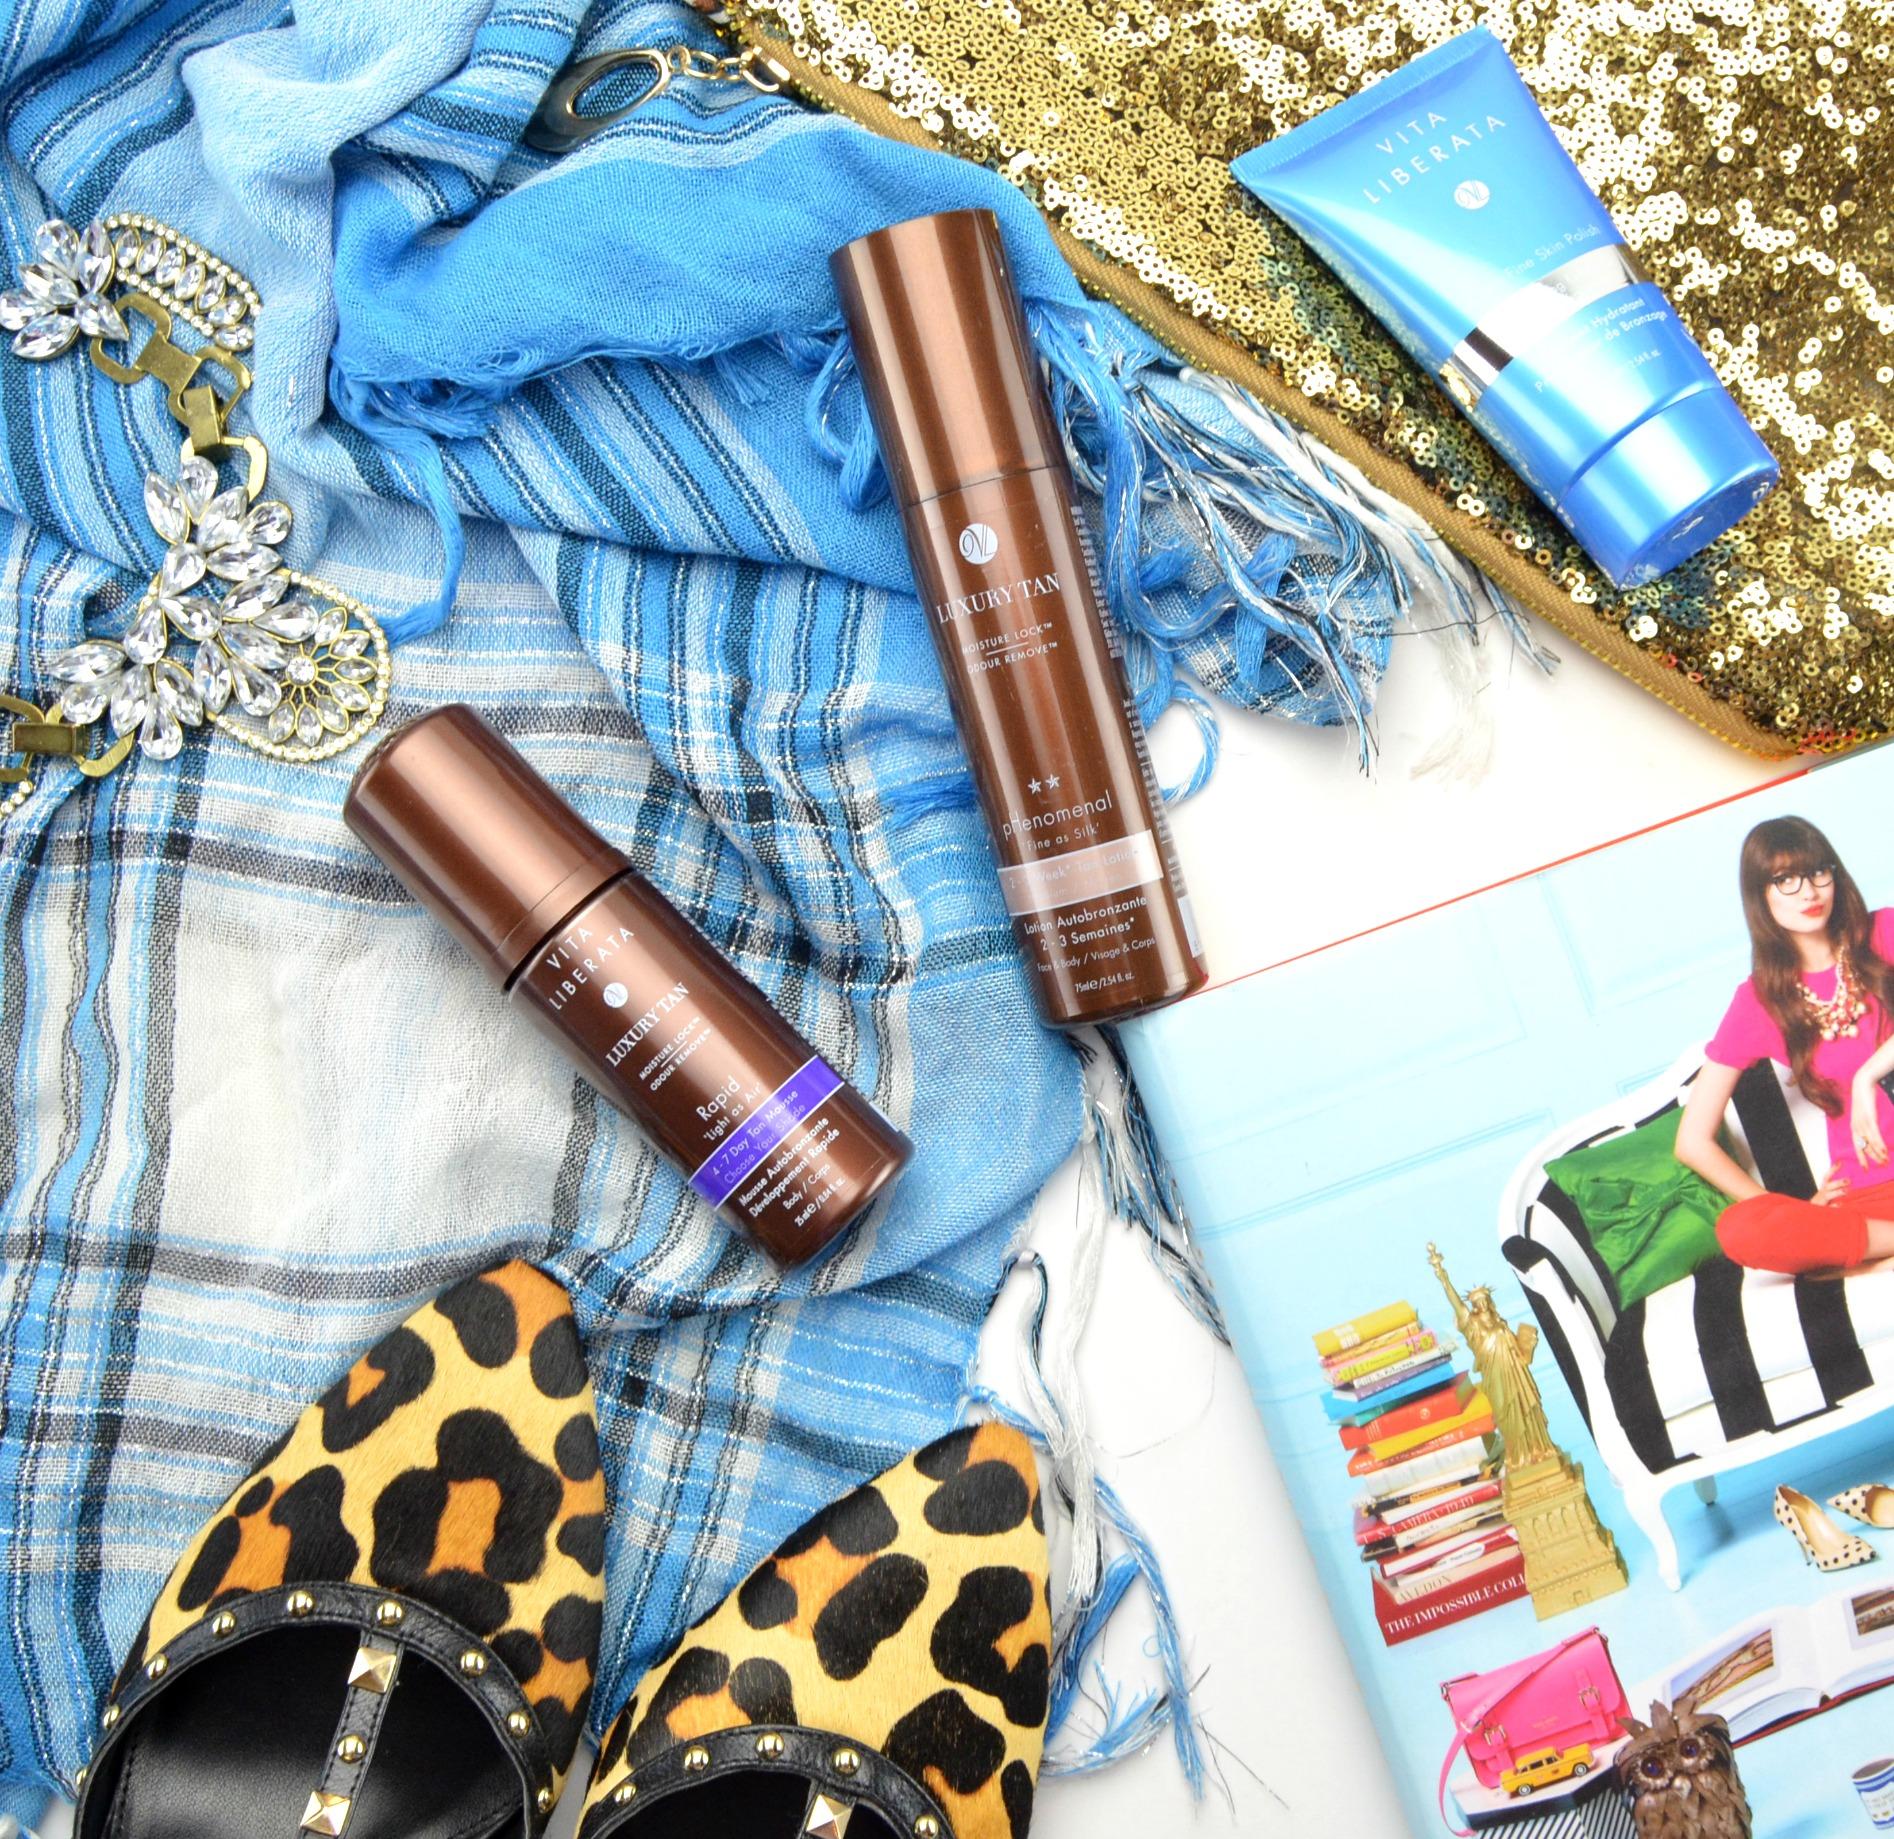 Vita Liberata Luxury Tan Tanning Travel Essentials Kit (1)